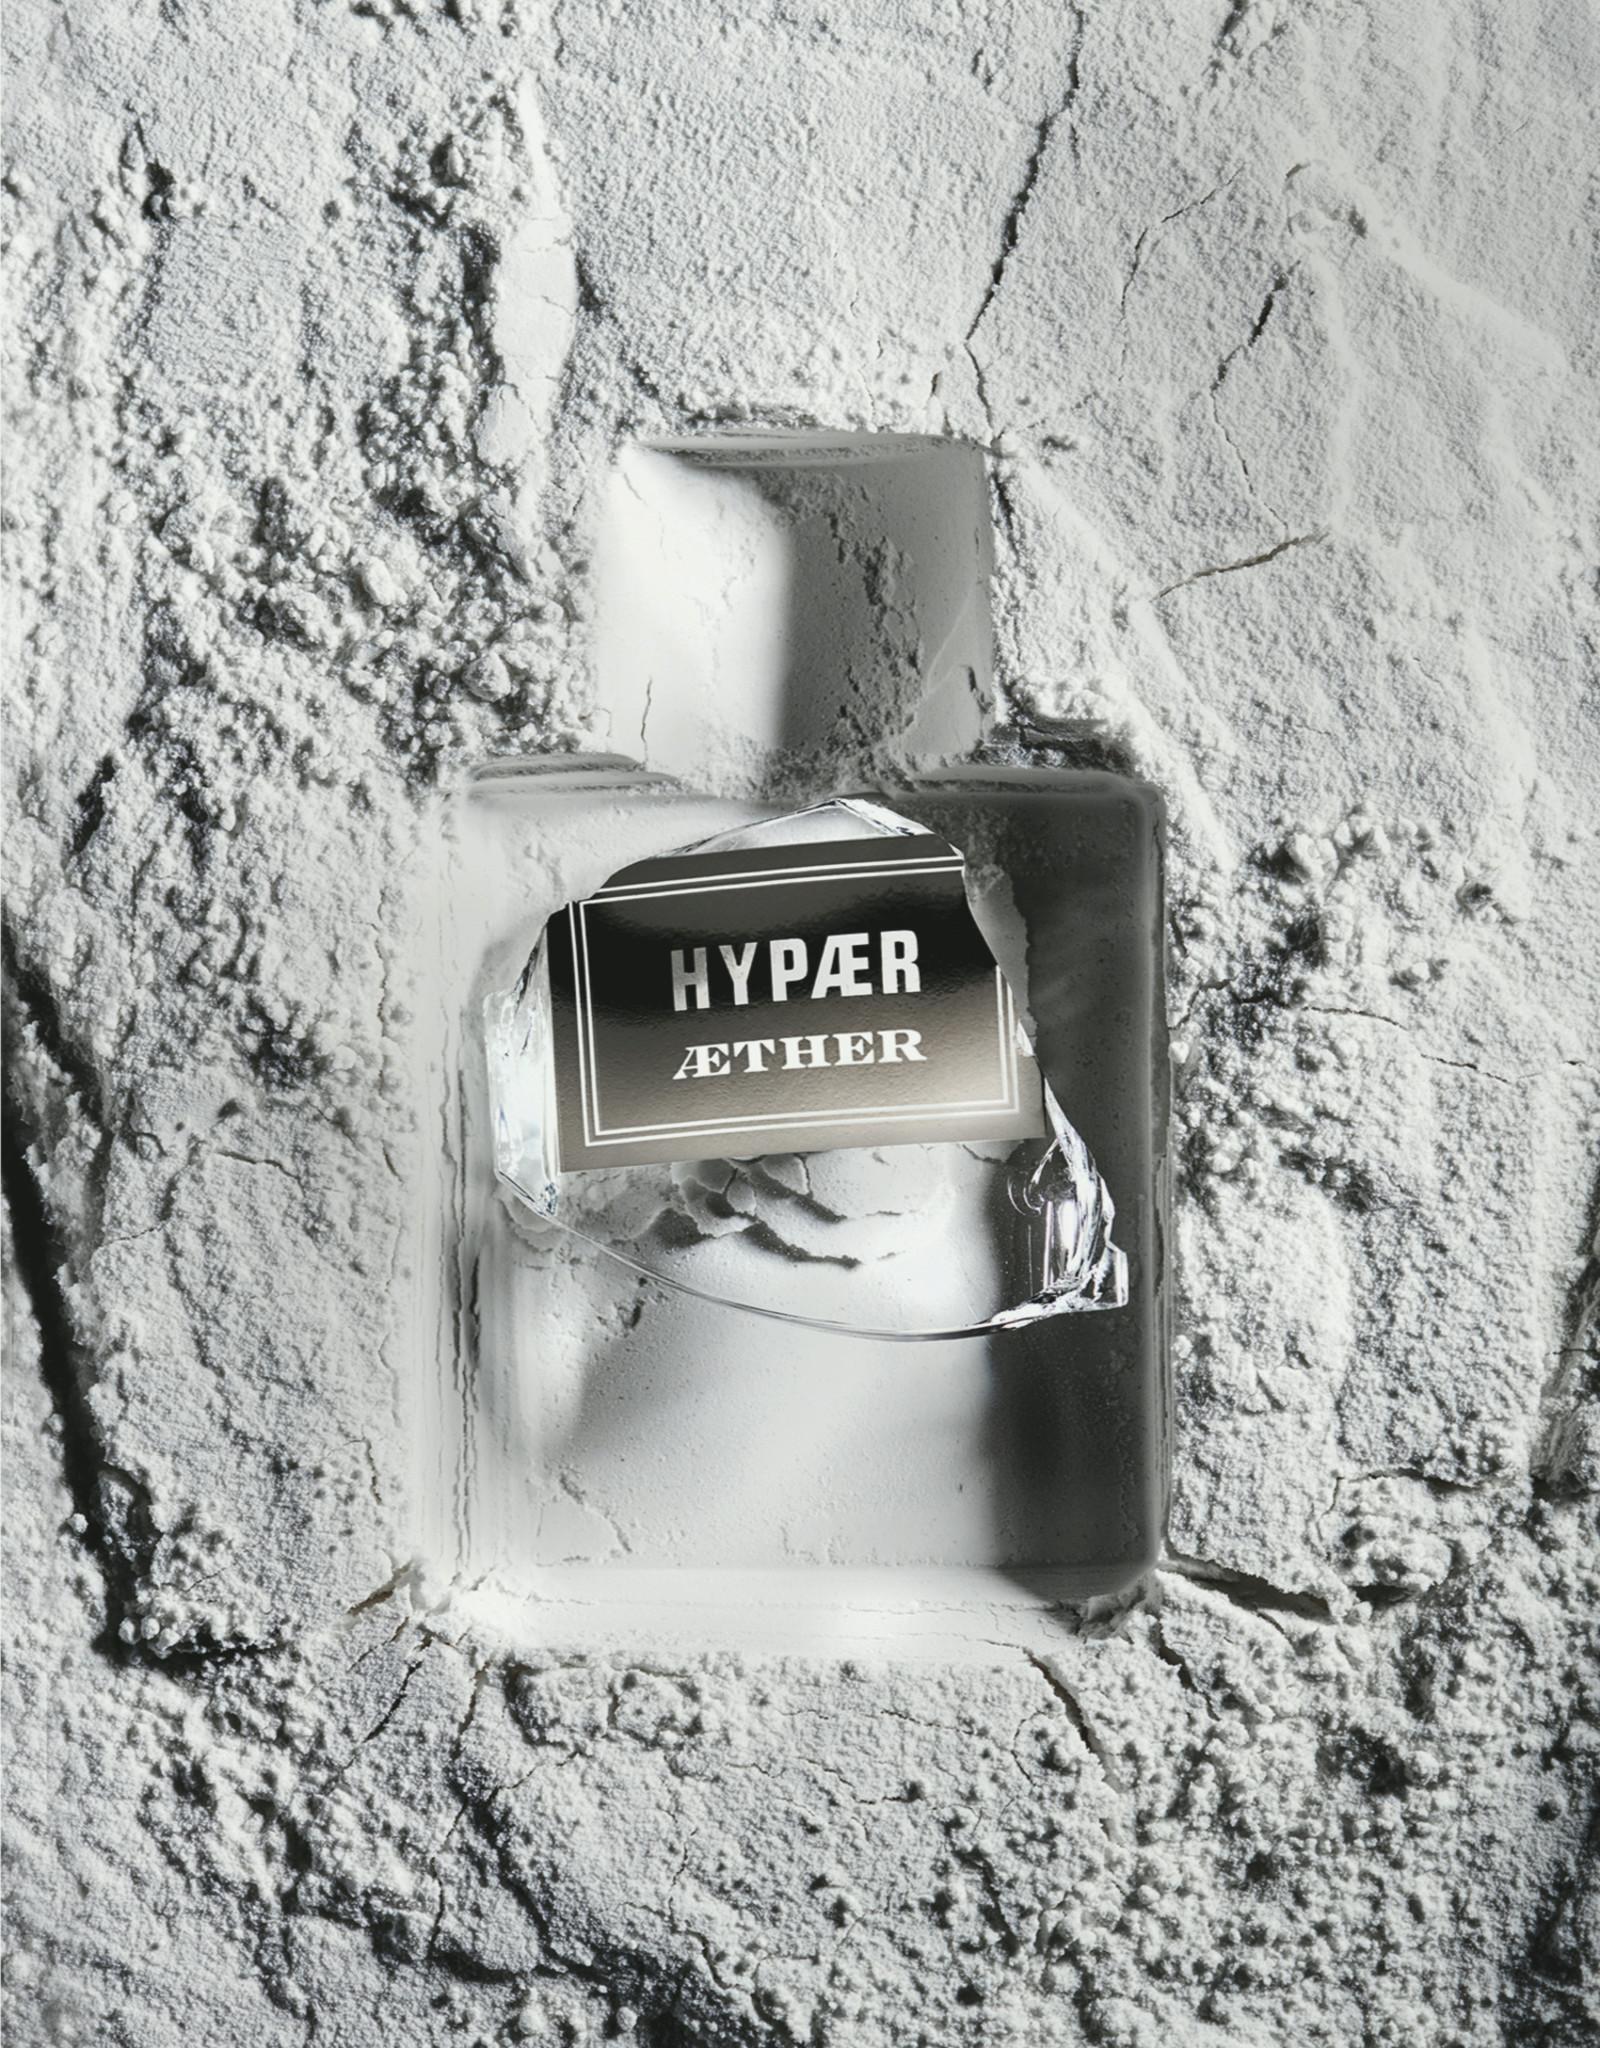 Aether AETHER - HYPAER - Eau de Parfum